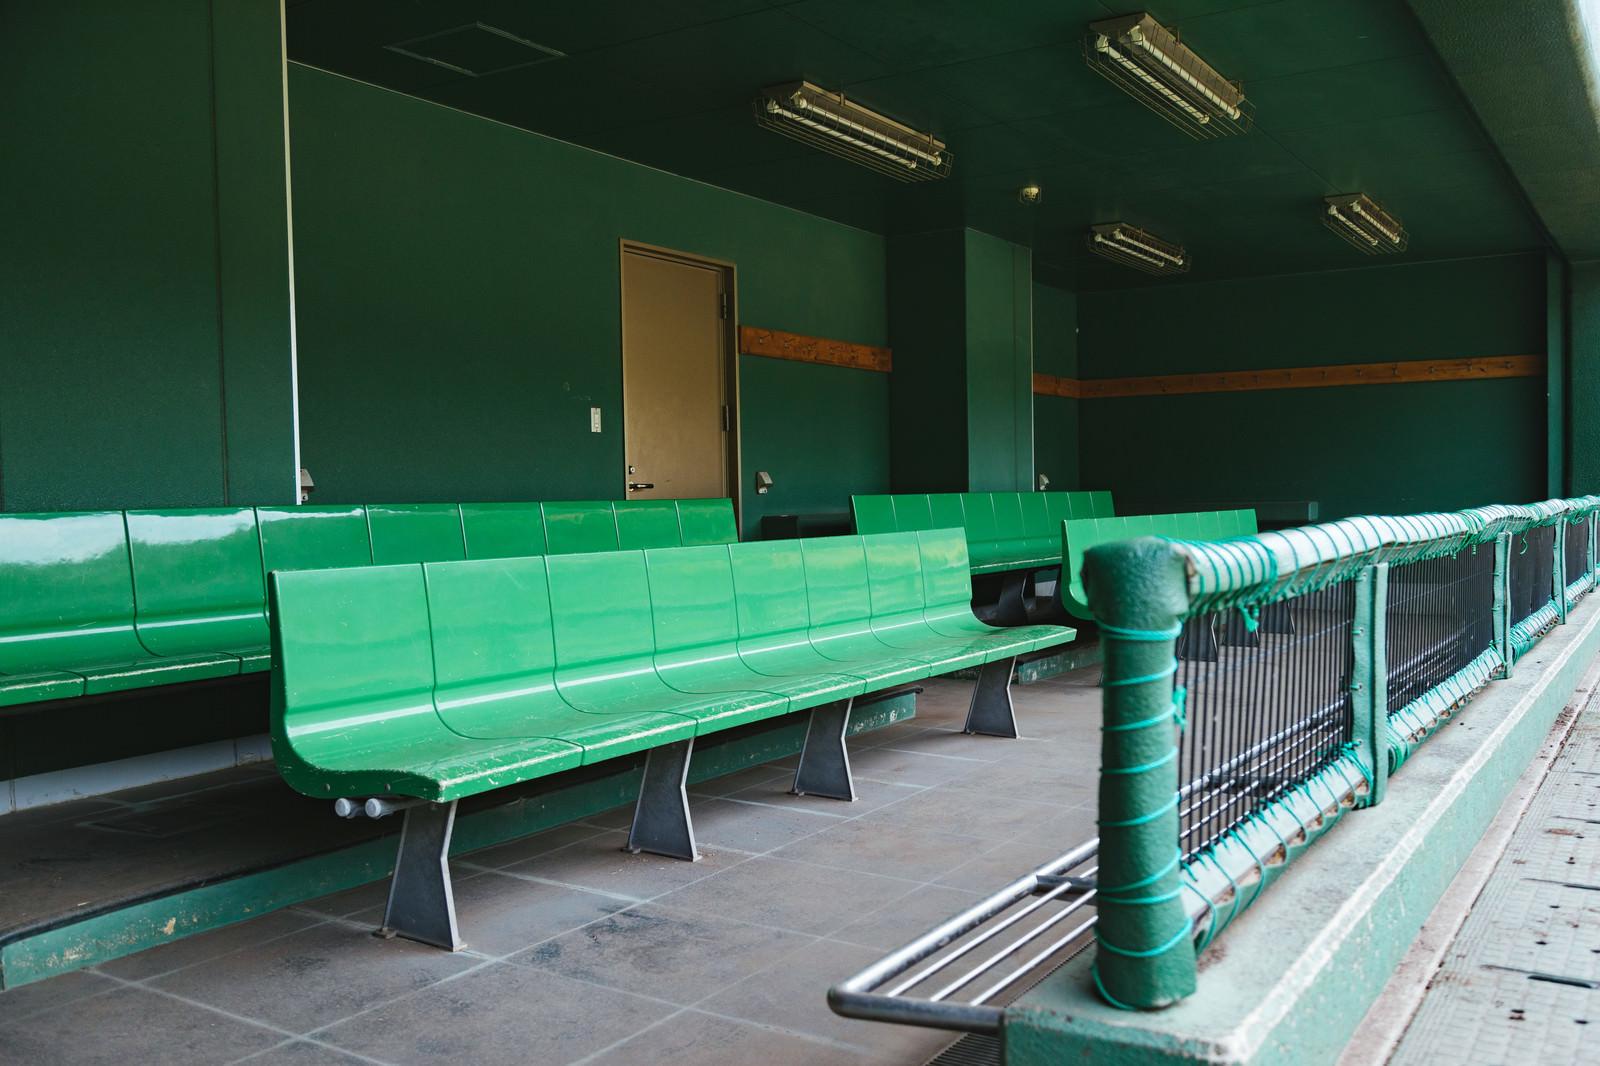 「天福球場のベンチ」の写真